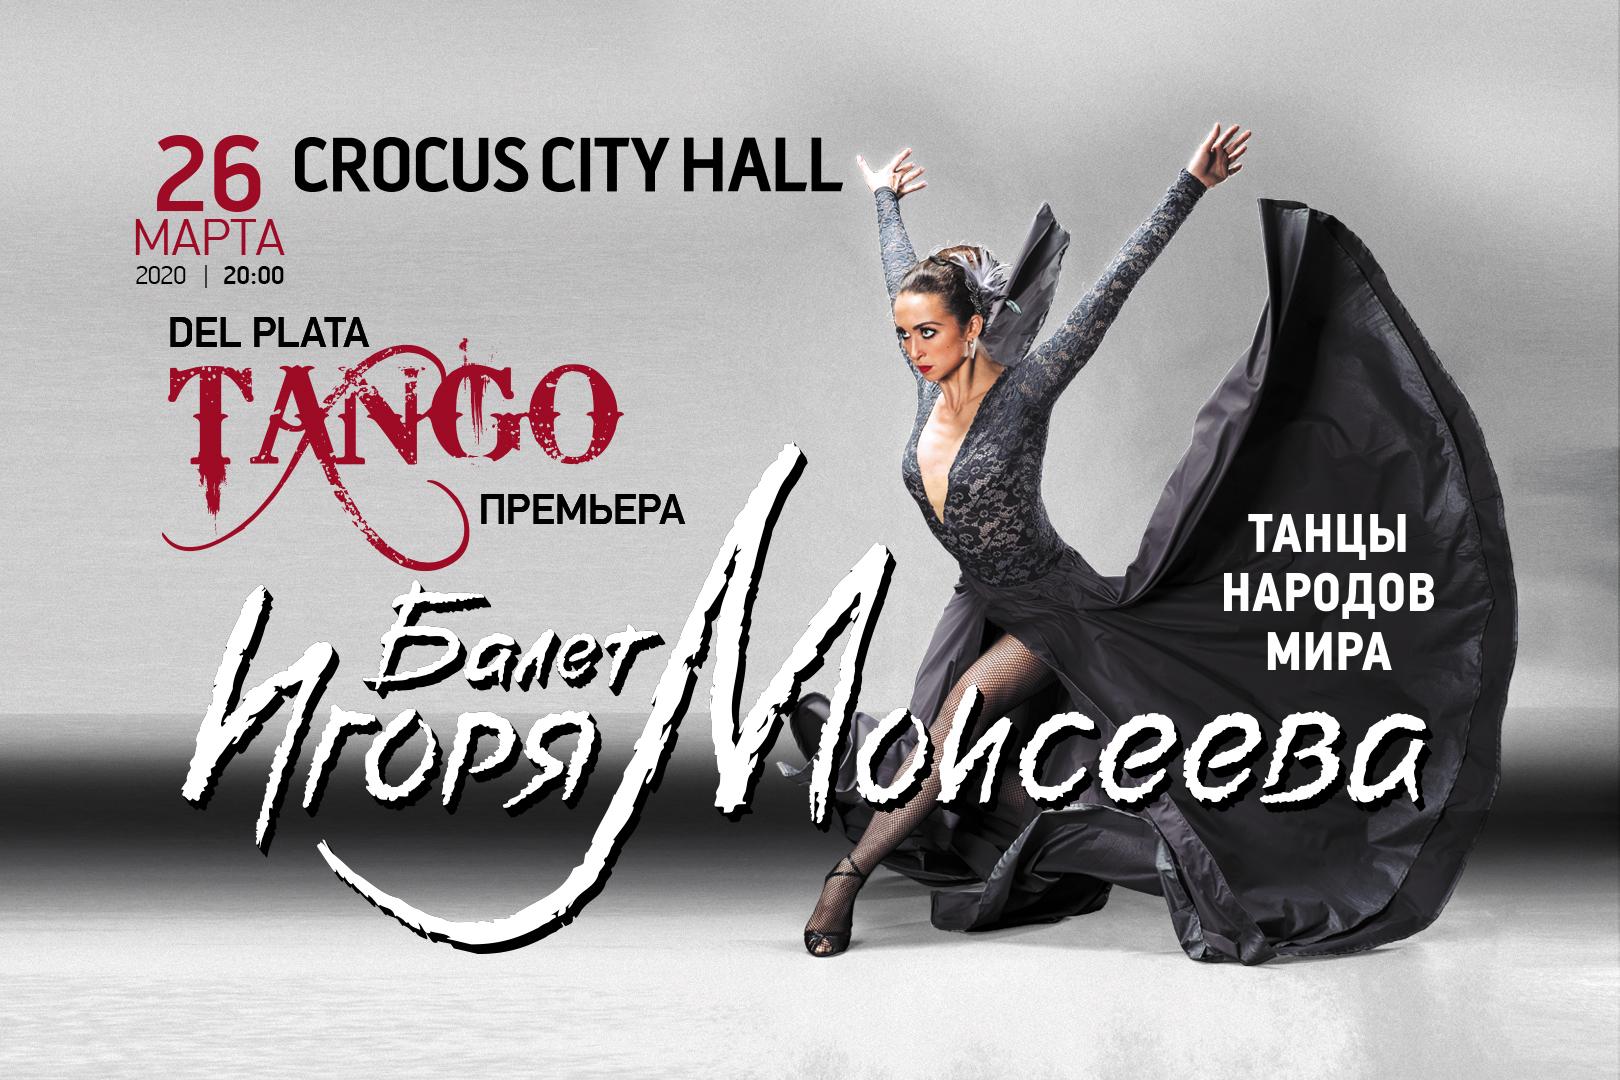 Билеты на балет Игоря Моисеева в крокус сити холл